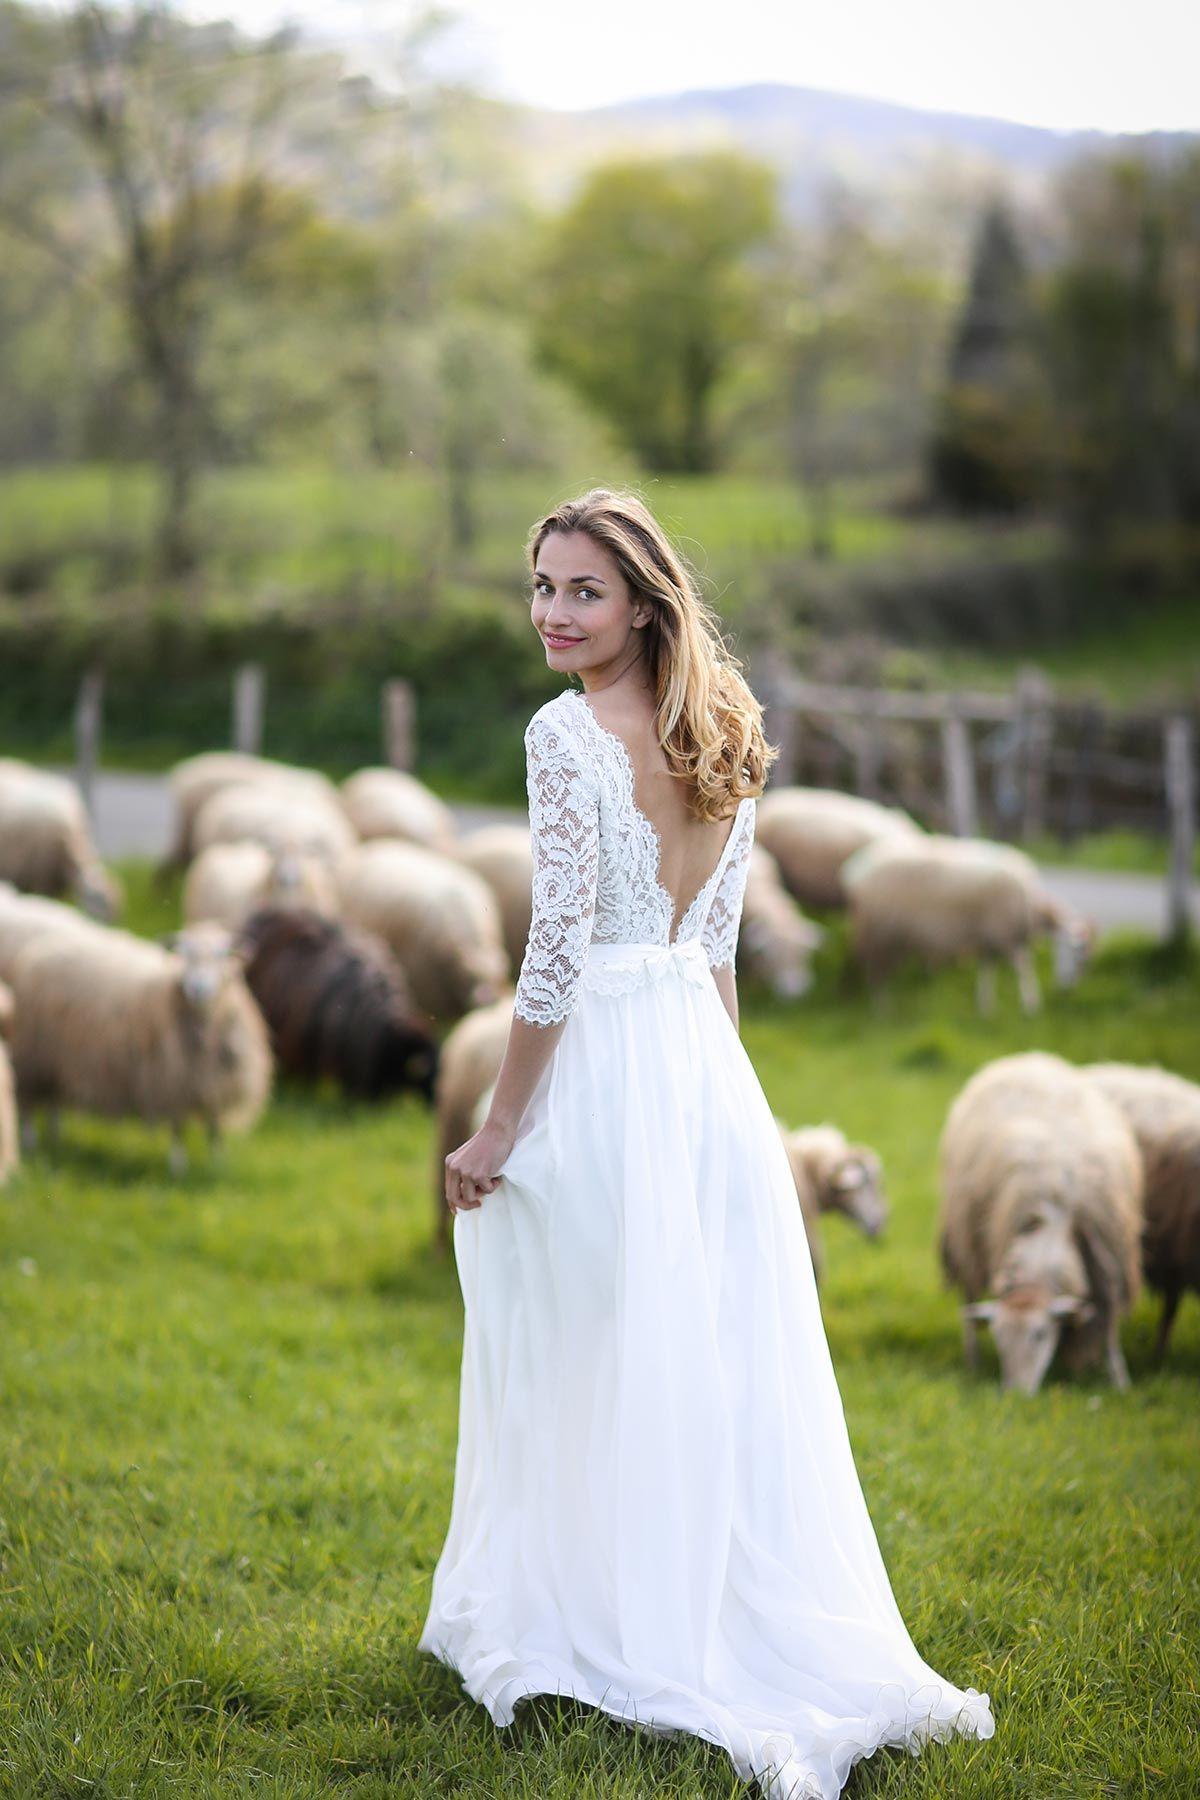 Helkropp o rygg bröllopsportätt pinterest paris dresses